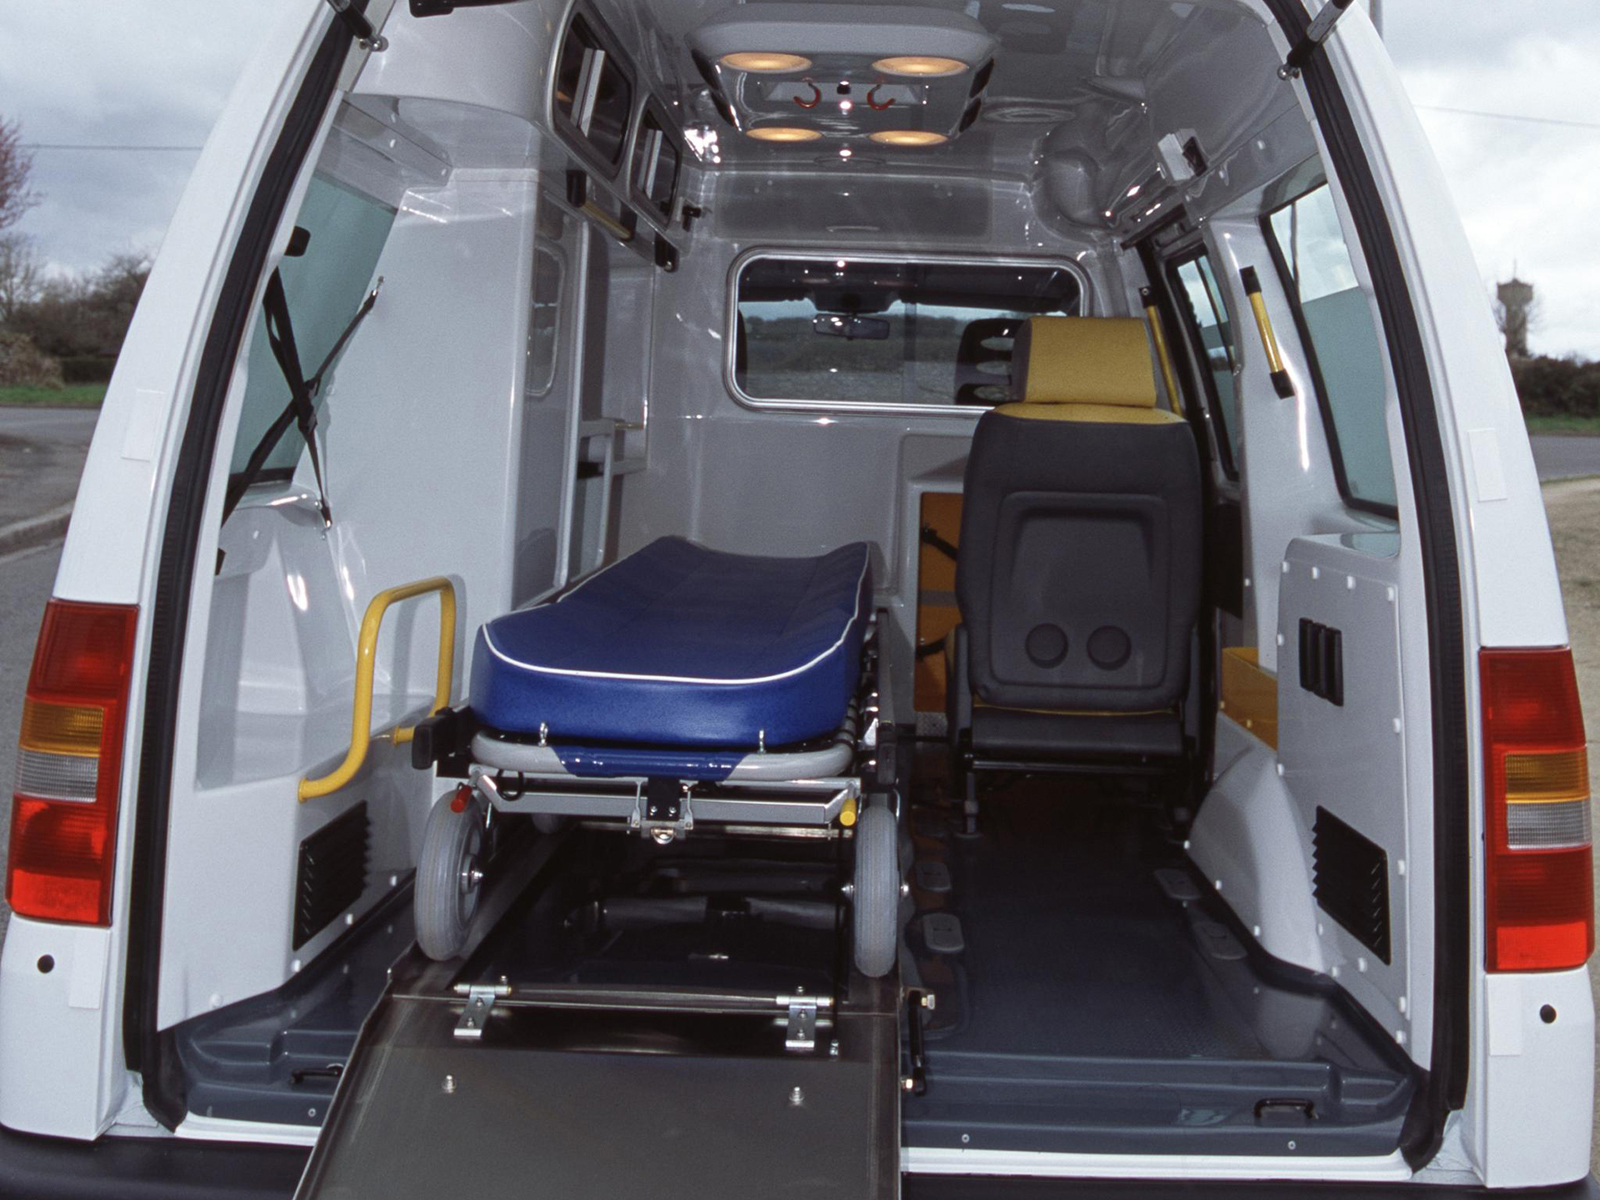 1995 Citroen Jumpy Ambulance Emergency Van Interior G